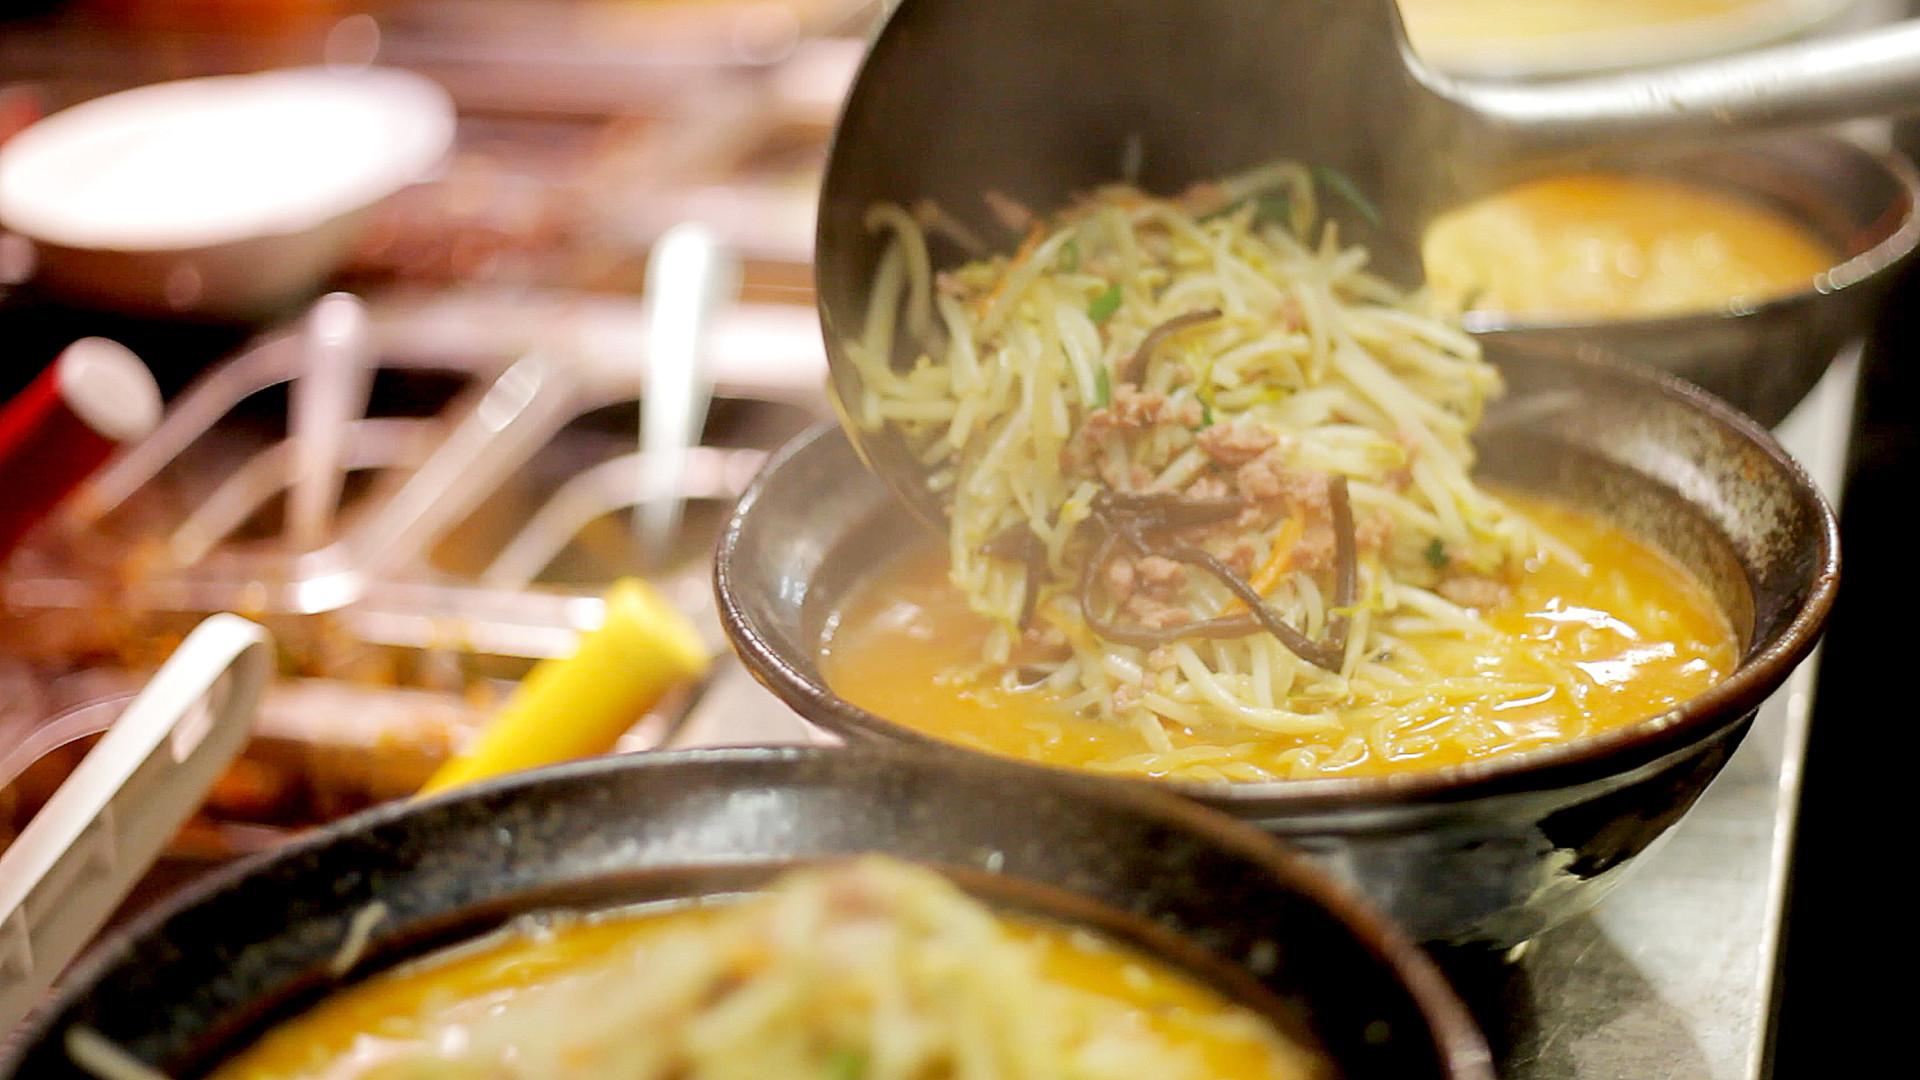 The best ramen in Toronto | Spicy red miso ramen being made at Ramen Isshin